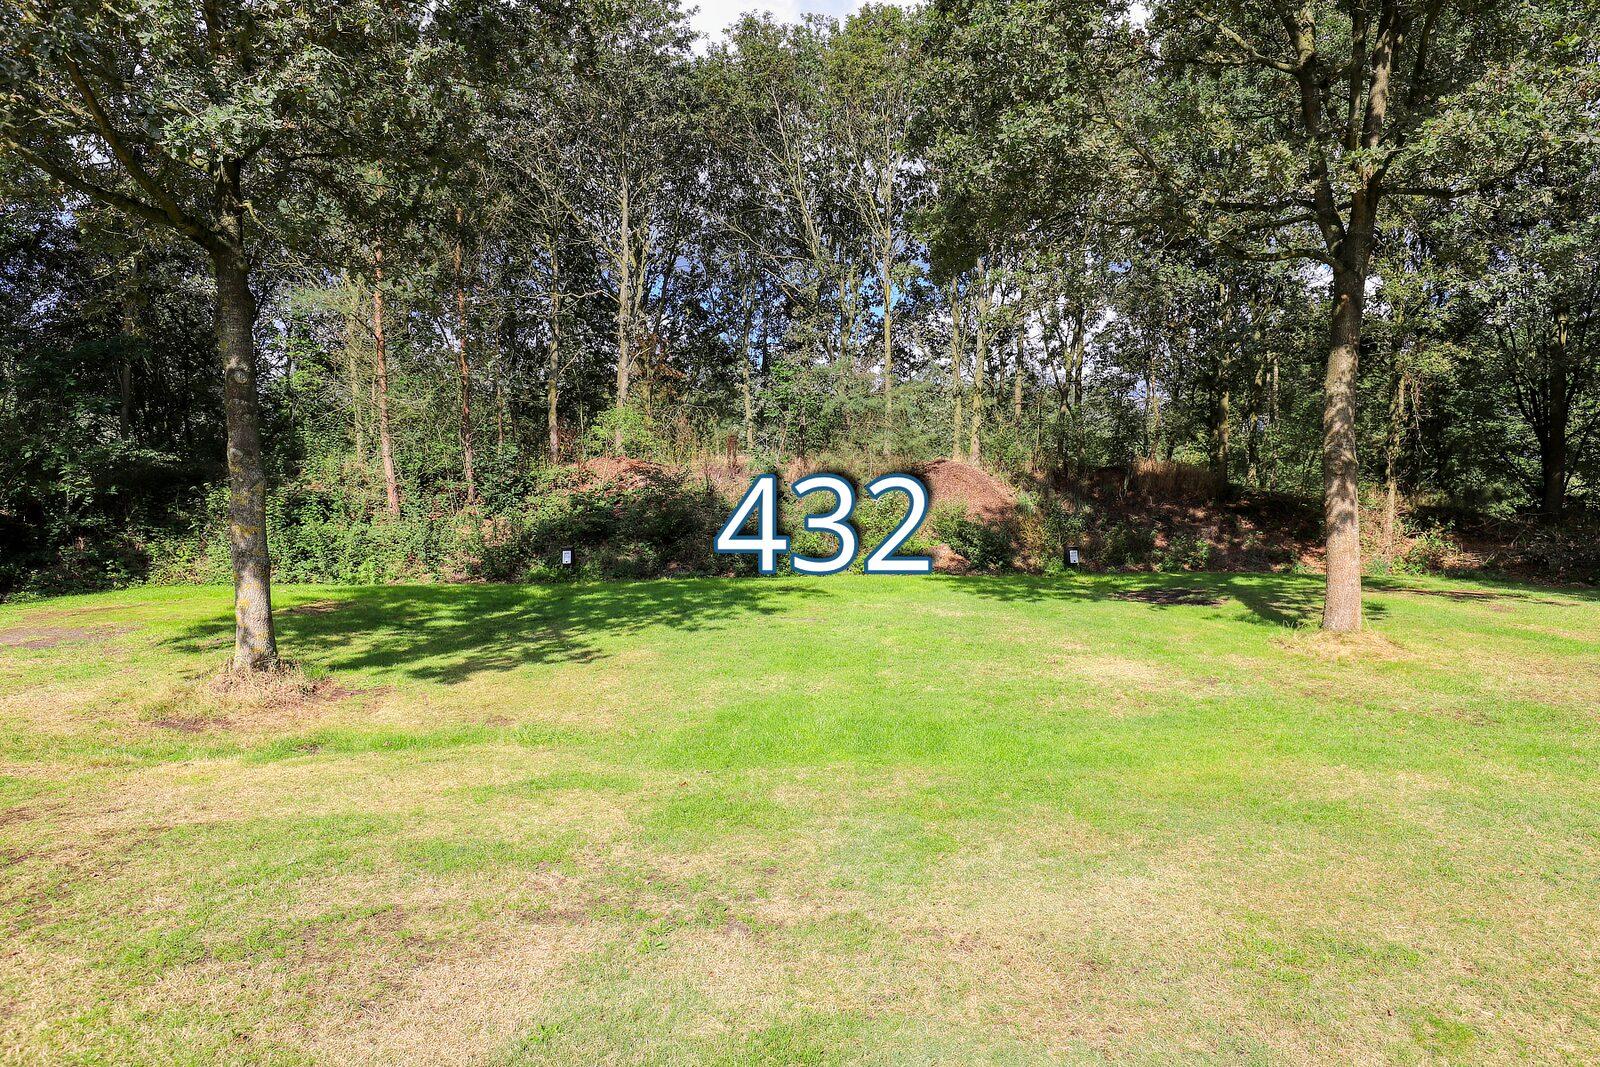 meemsveld 432